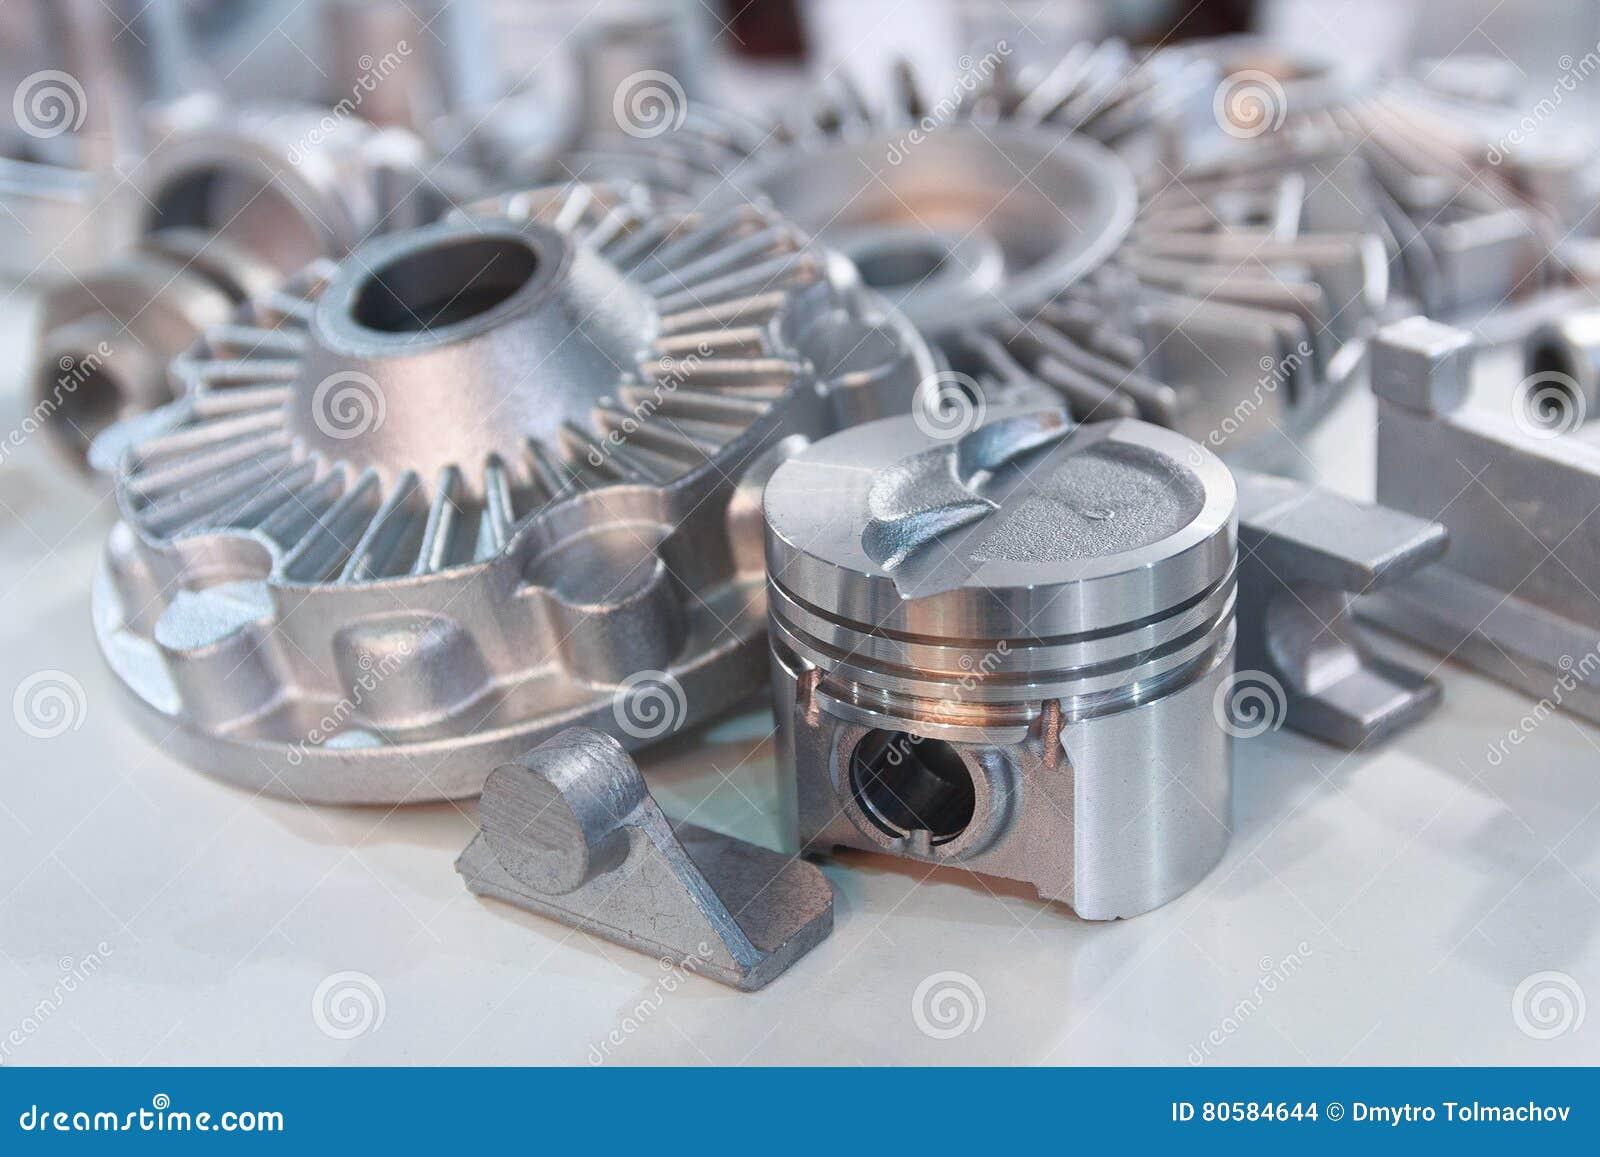 铸造工艺做的金属制品